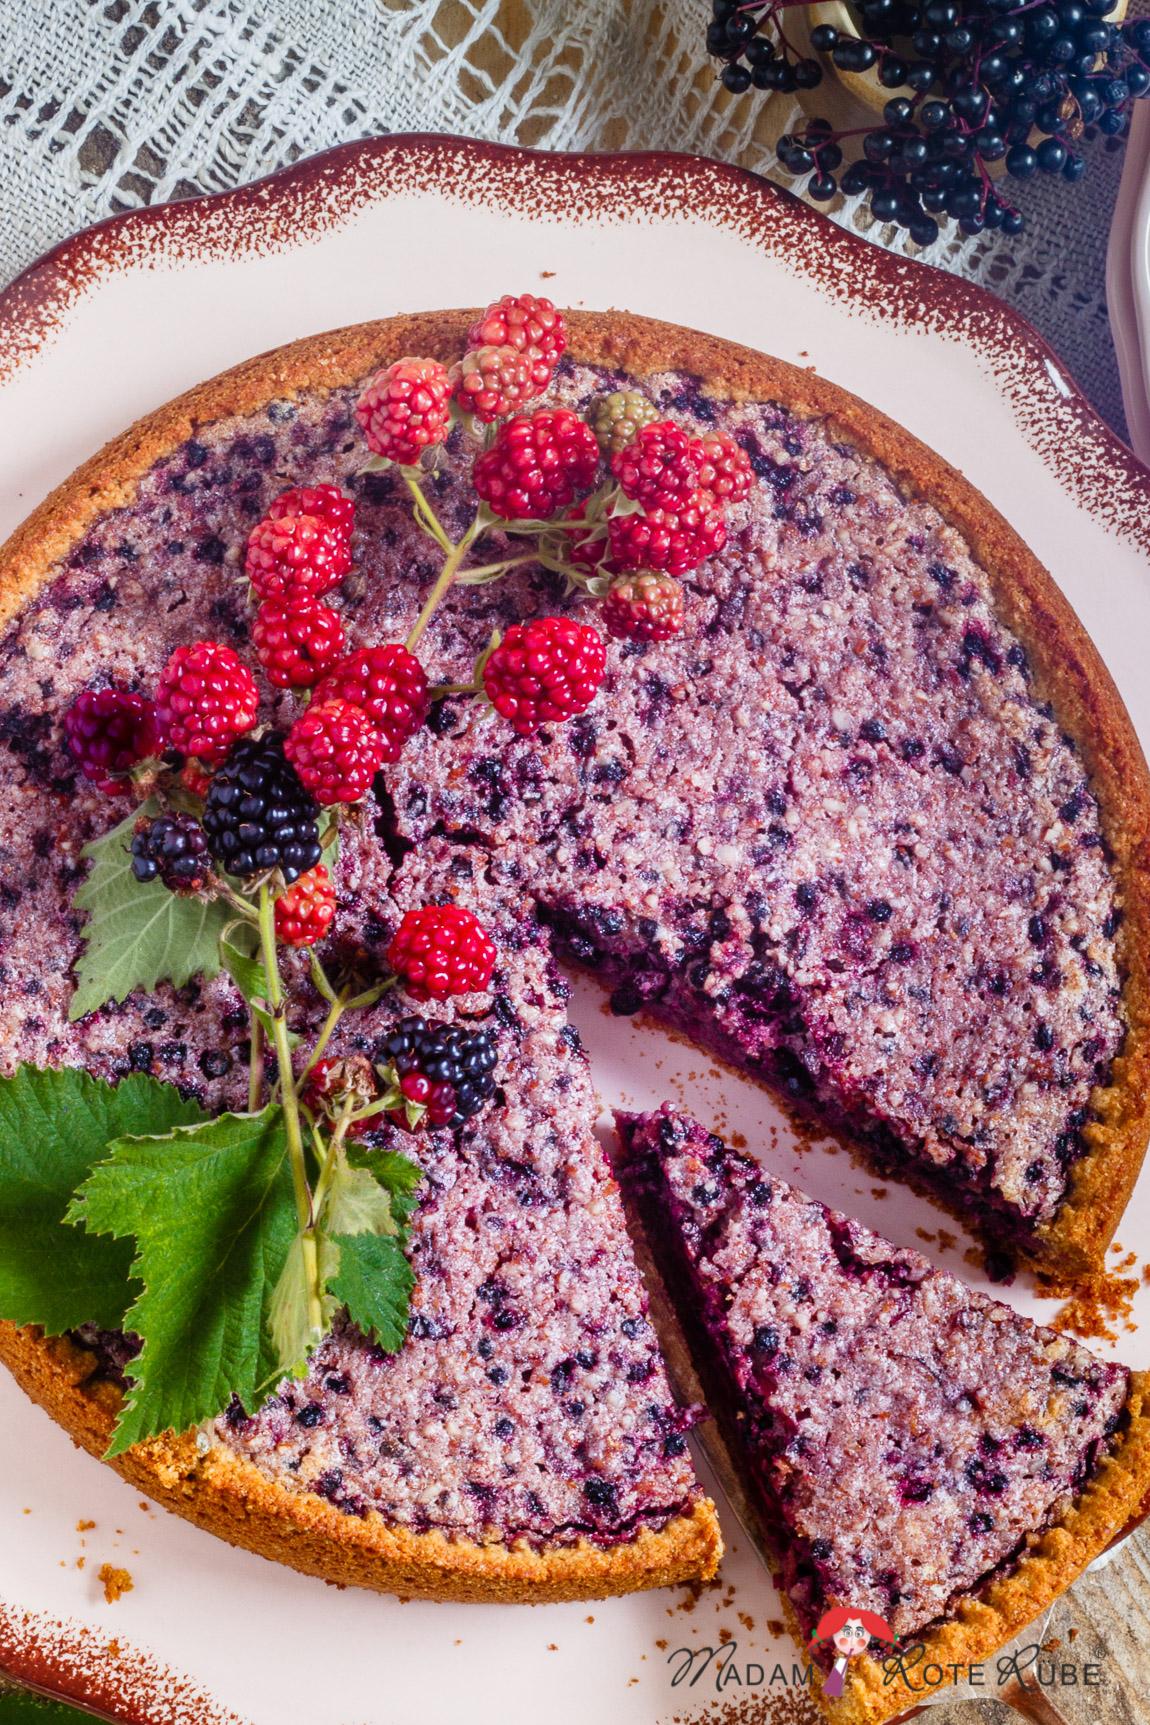 """Madam Rote Rübe - Holunder-Brombeer-Kuchen aus """"Herbstfrüchte - Holunder, Hagebutte, Schlehe und Esskastanie"""" (Sigrid Schimetzky)"""